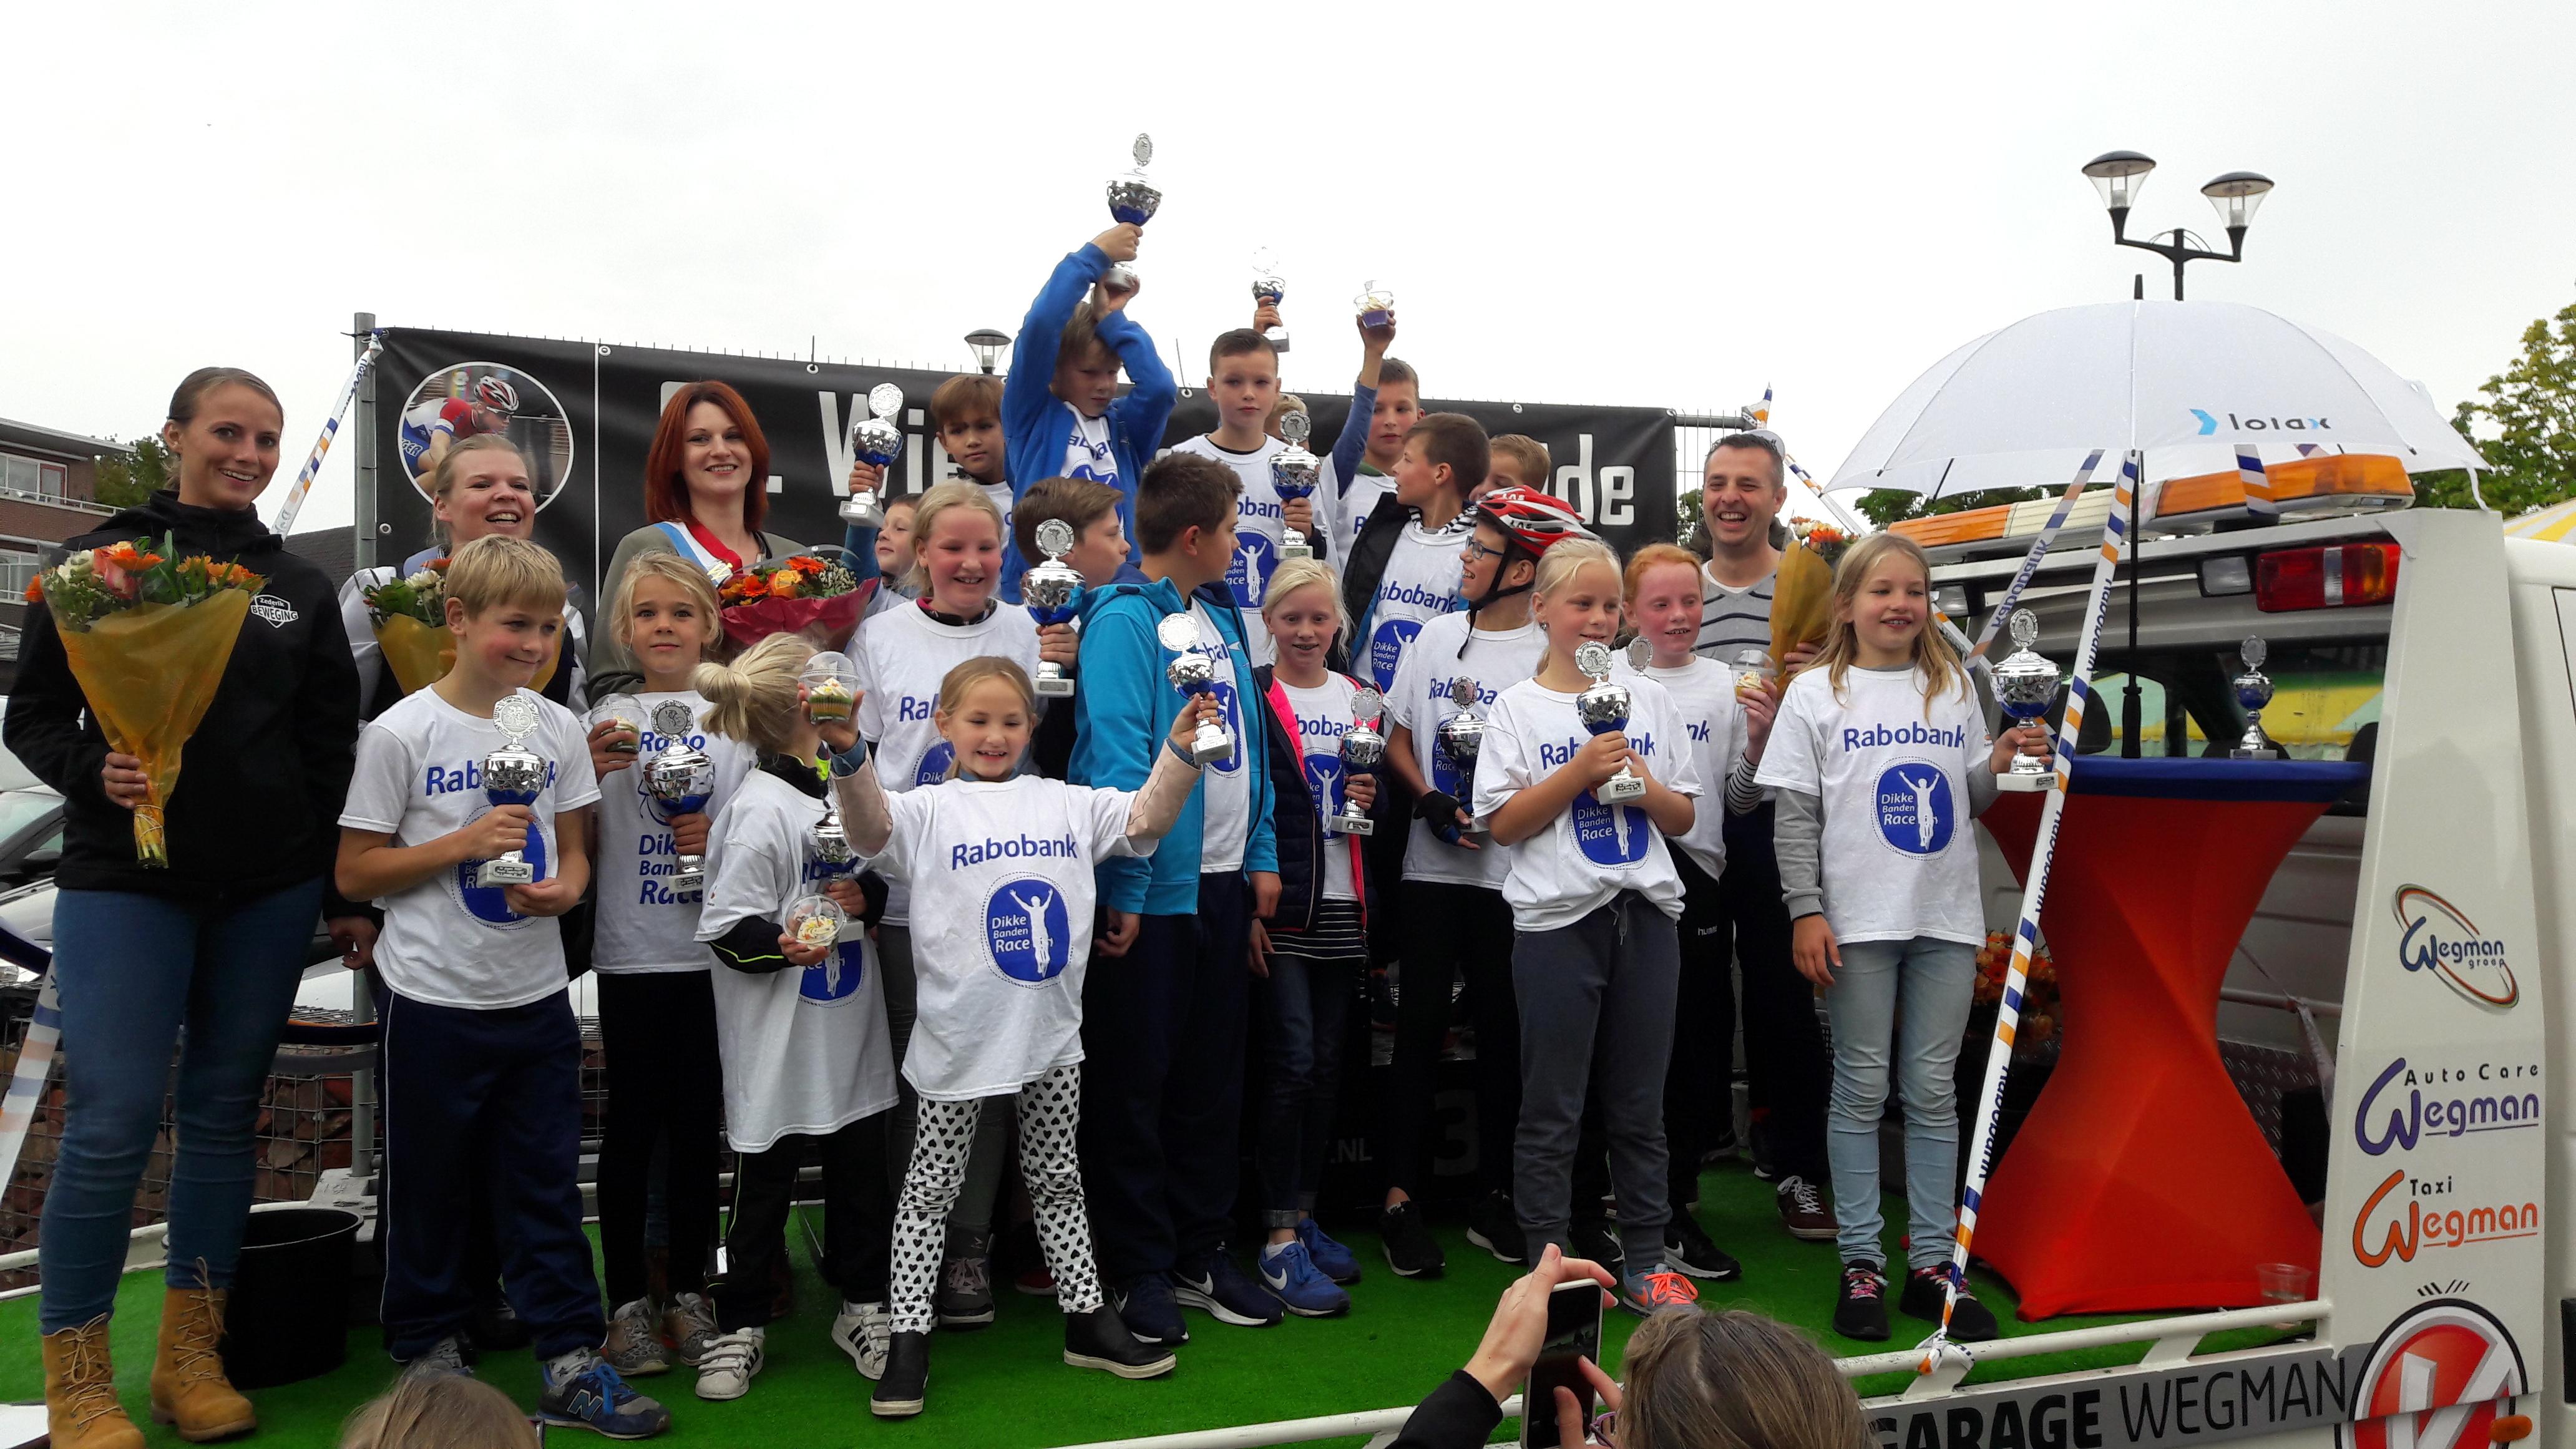 Podium_finale_Rabobank_Dikke_Banden_Race_Zederik_2017